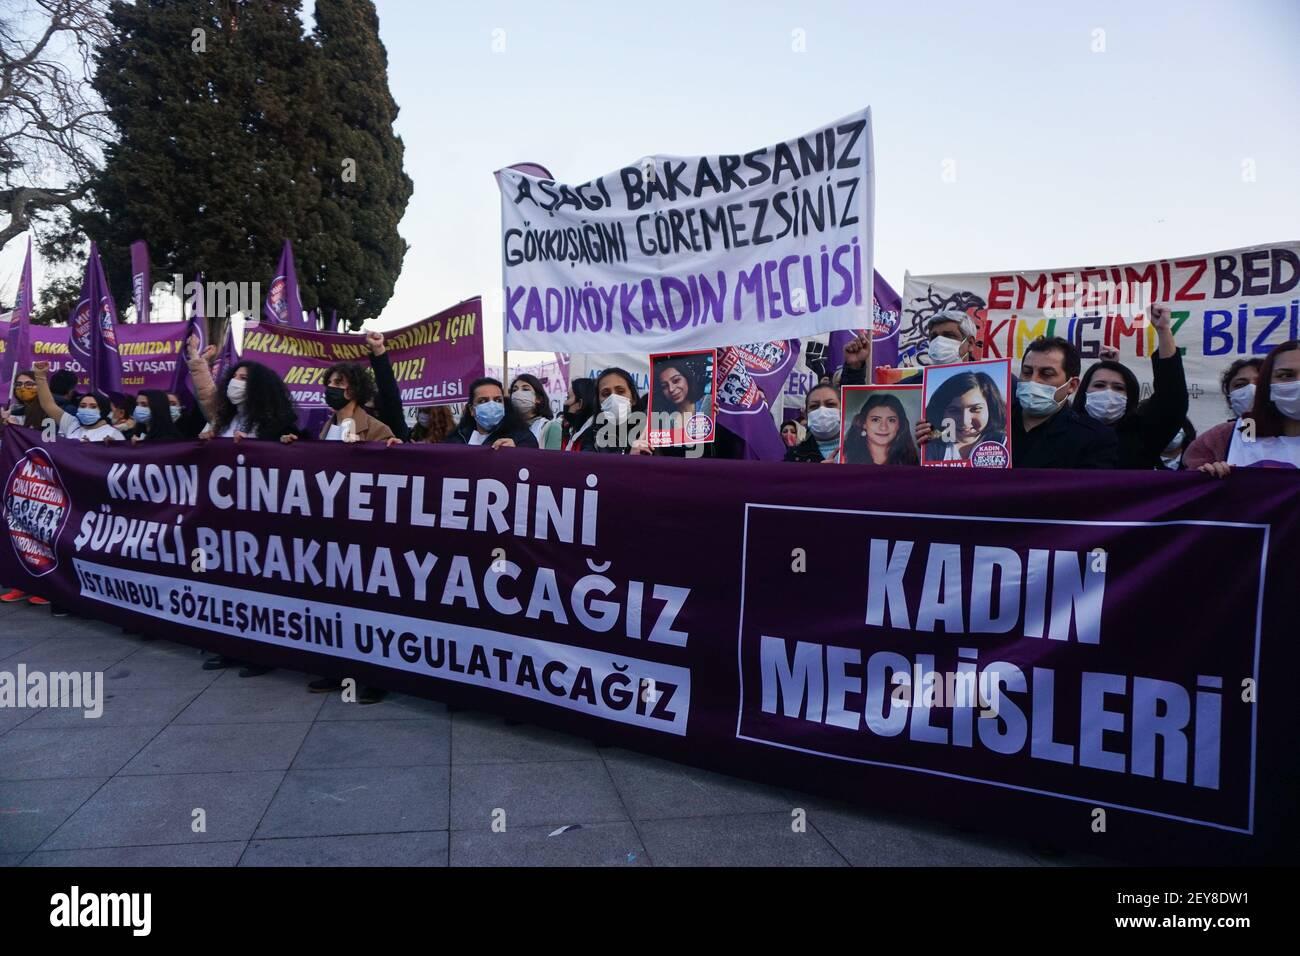 Les femmes tiennent des bannières et des écriteaux pendant la manifestation.les communautés de femmes protestent contre la violence contre les femmes. Les femmes ont exigé la mise en œuvre de la Convention d'Istanbul. Le groupe a également noté les droits lgbti+ qui ne sont pas pratiqués en Turquie. Banque D'Images